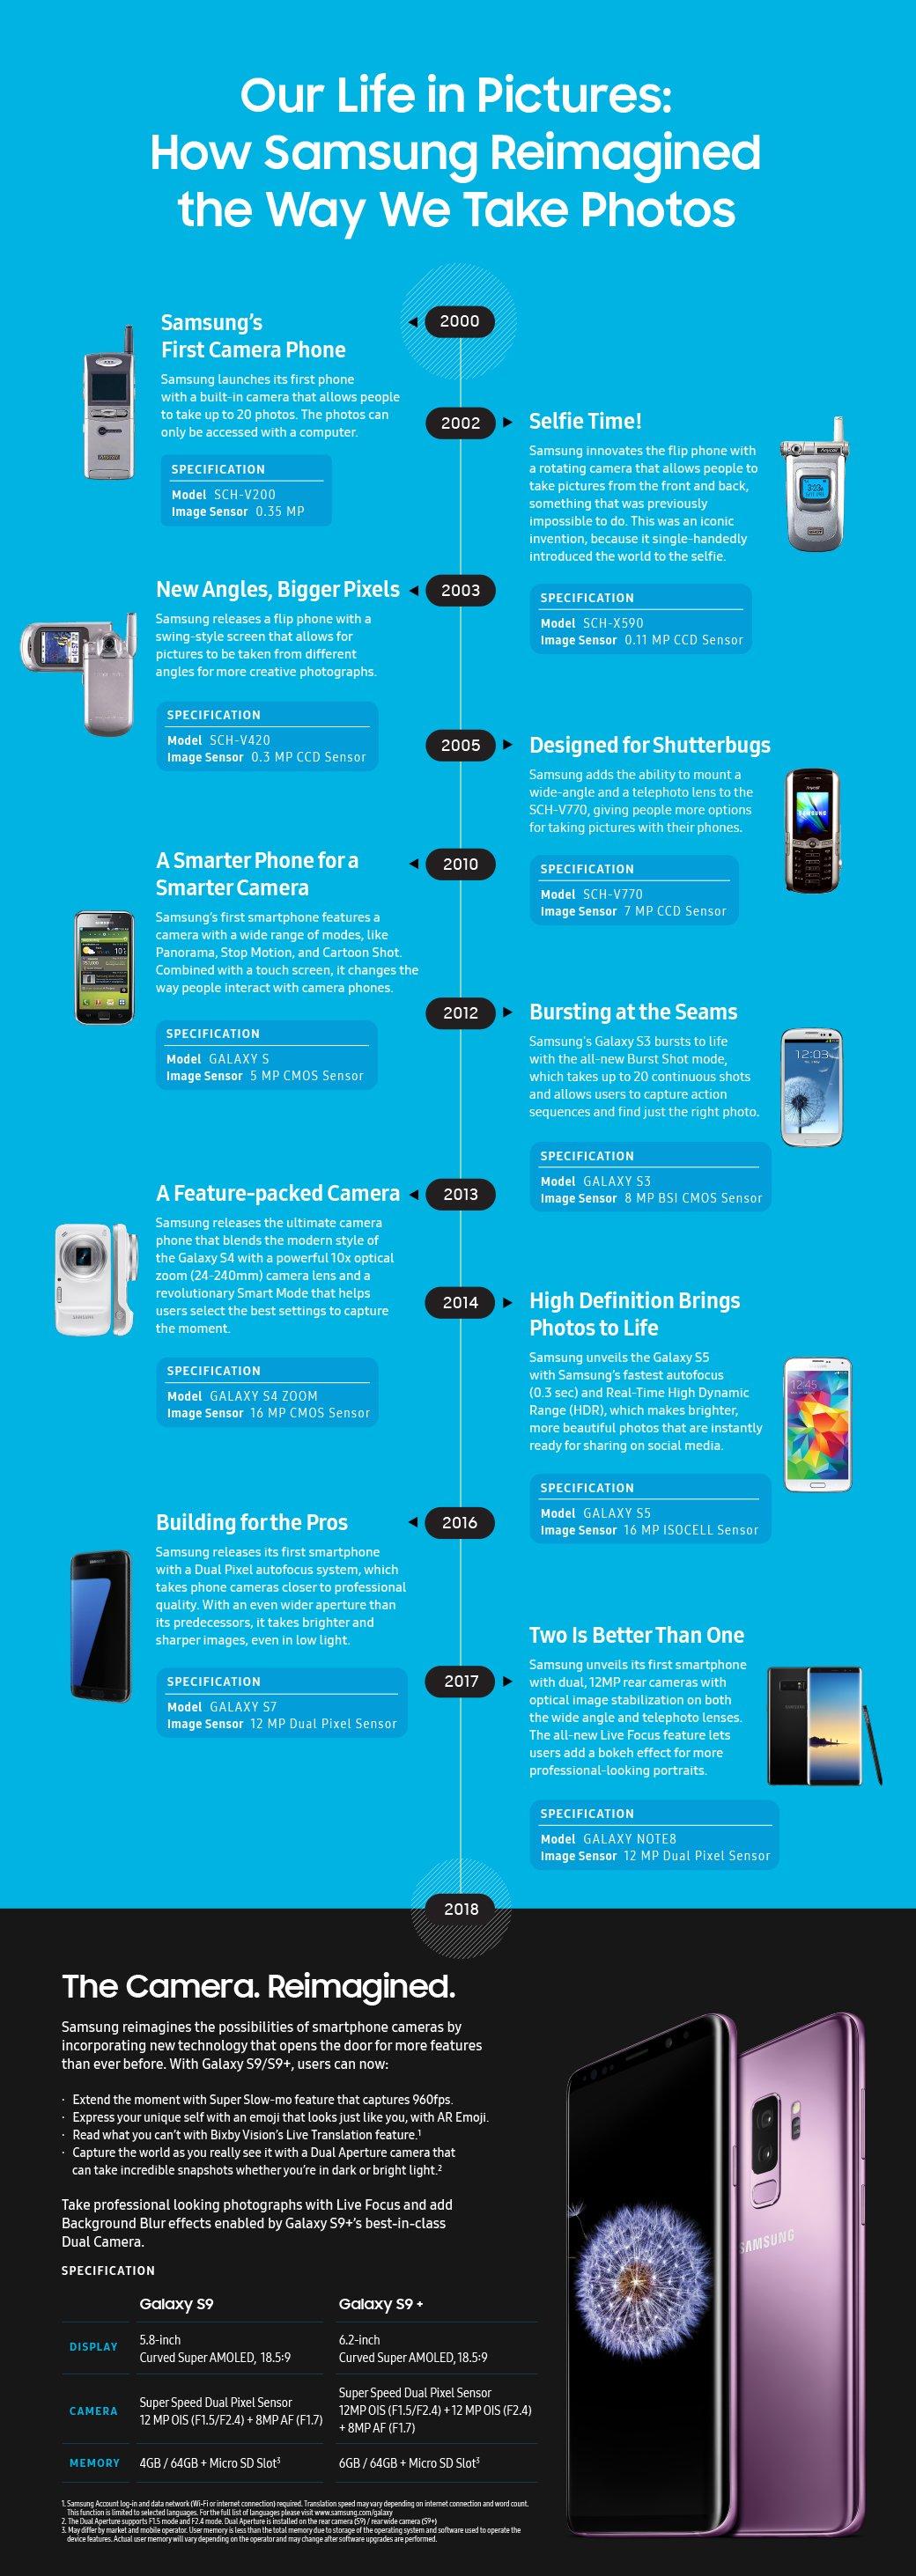 Tabletowo.pl 18 lat minęło... Jak przez ten czas zmieniały się aparaty w telefonach i smartfonach Samsunga? Android Ciekawostki Samsung Smartfony